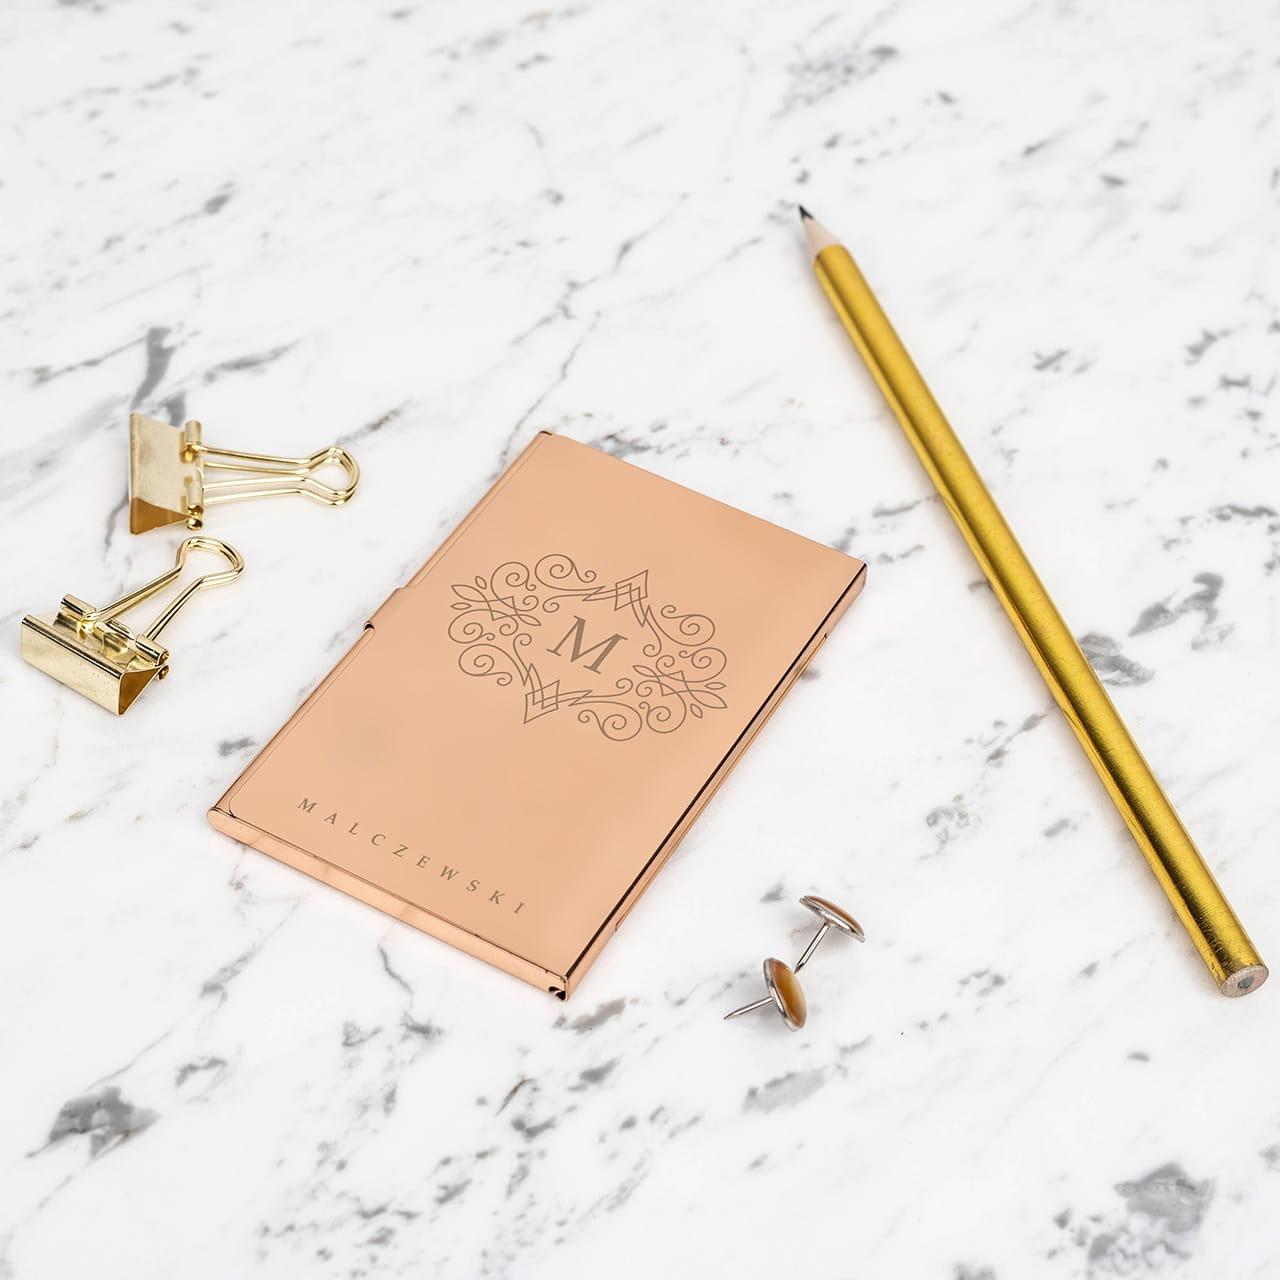 Złoty wizytownik to elegancki prezent dla prawnika